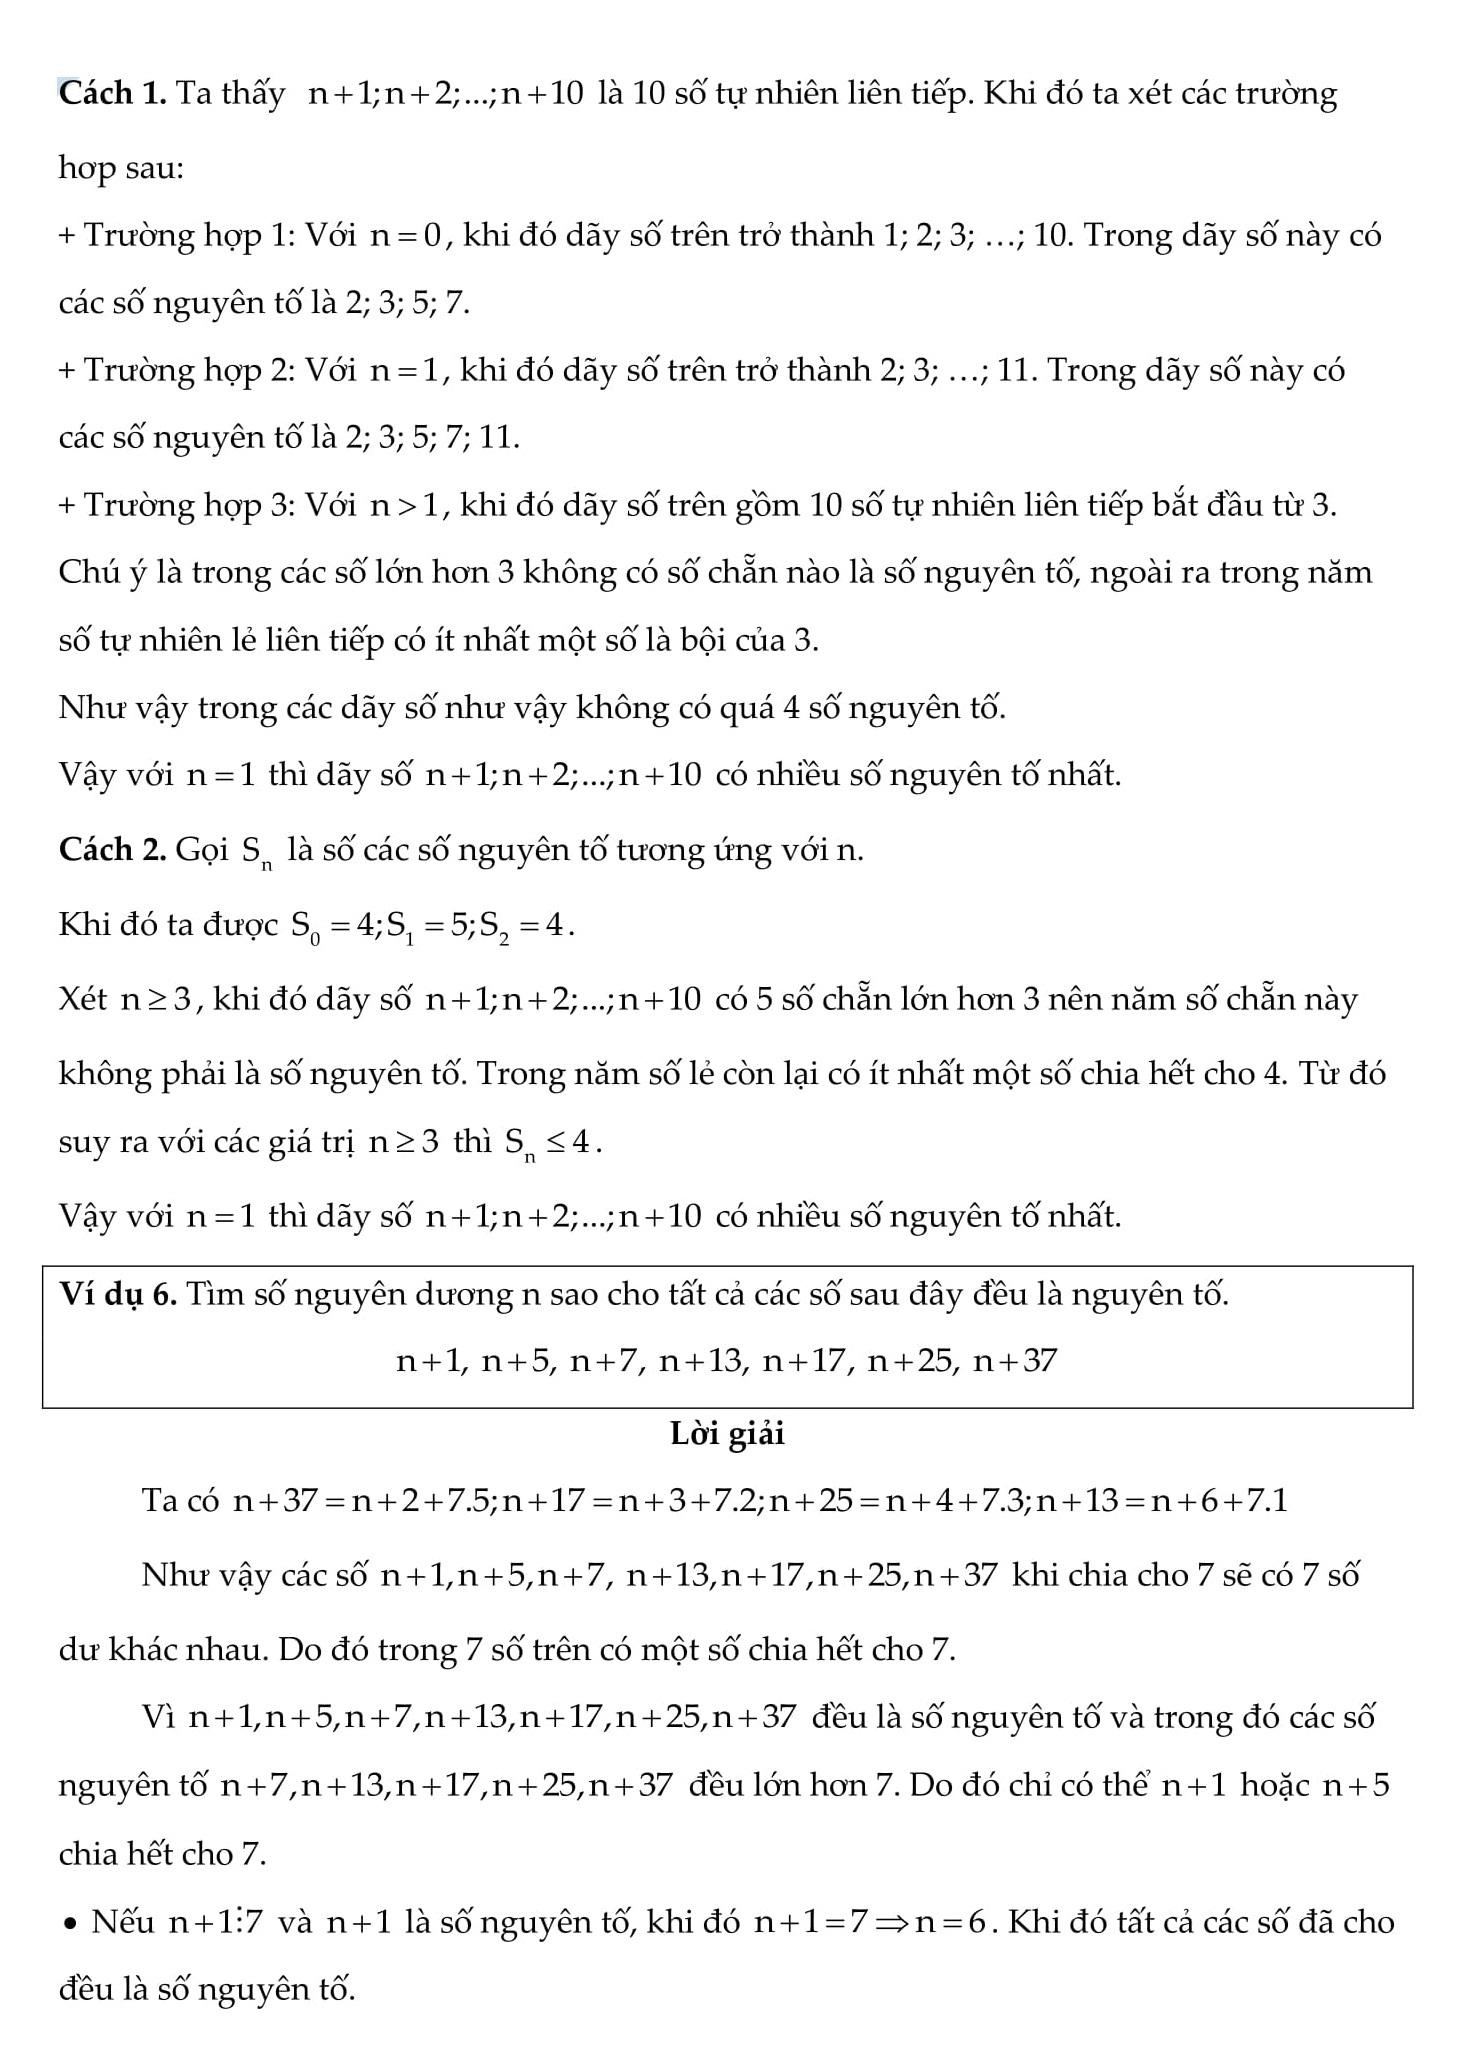 Chuyên đề Toán 6: Số nguyên tố hợp số